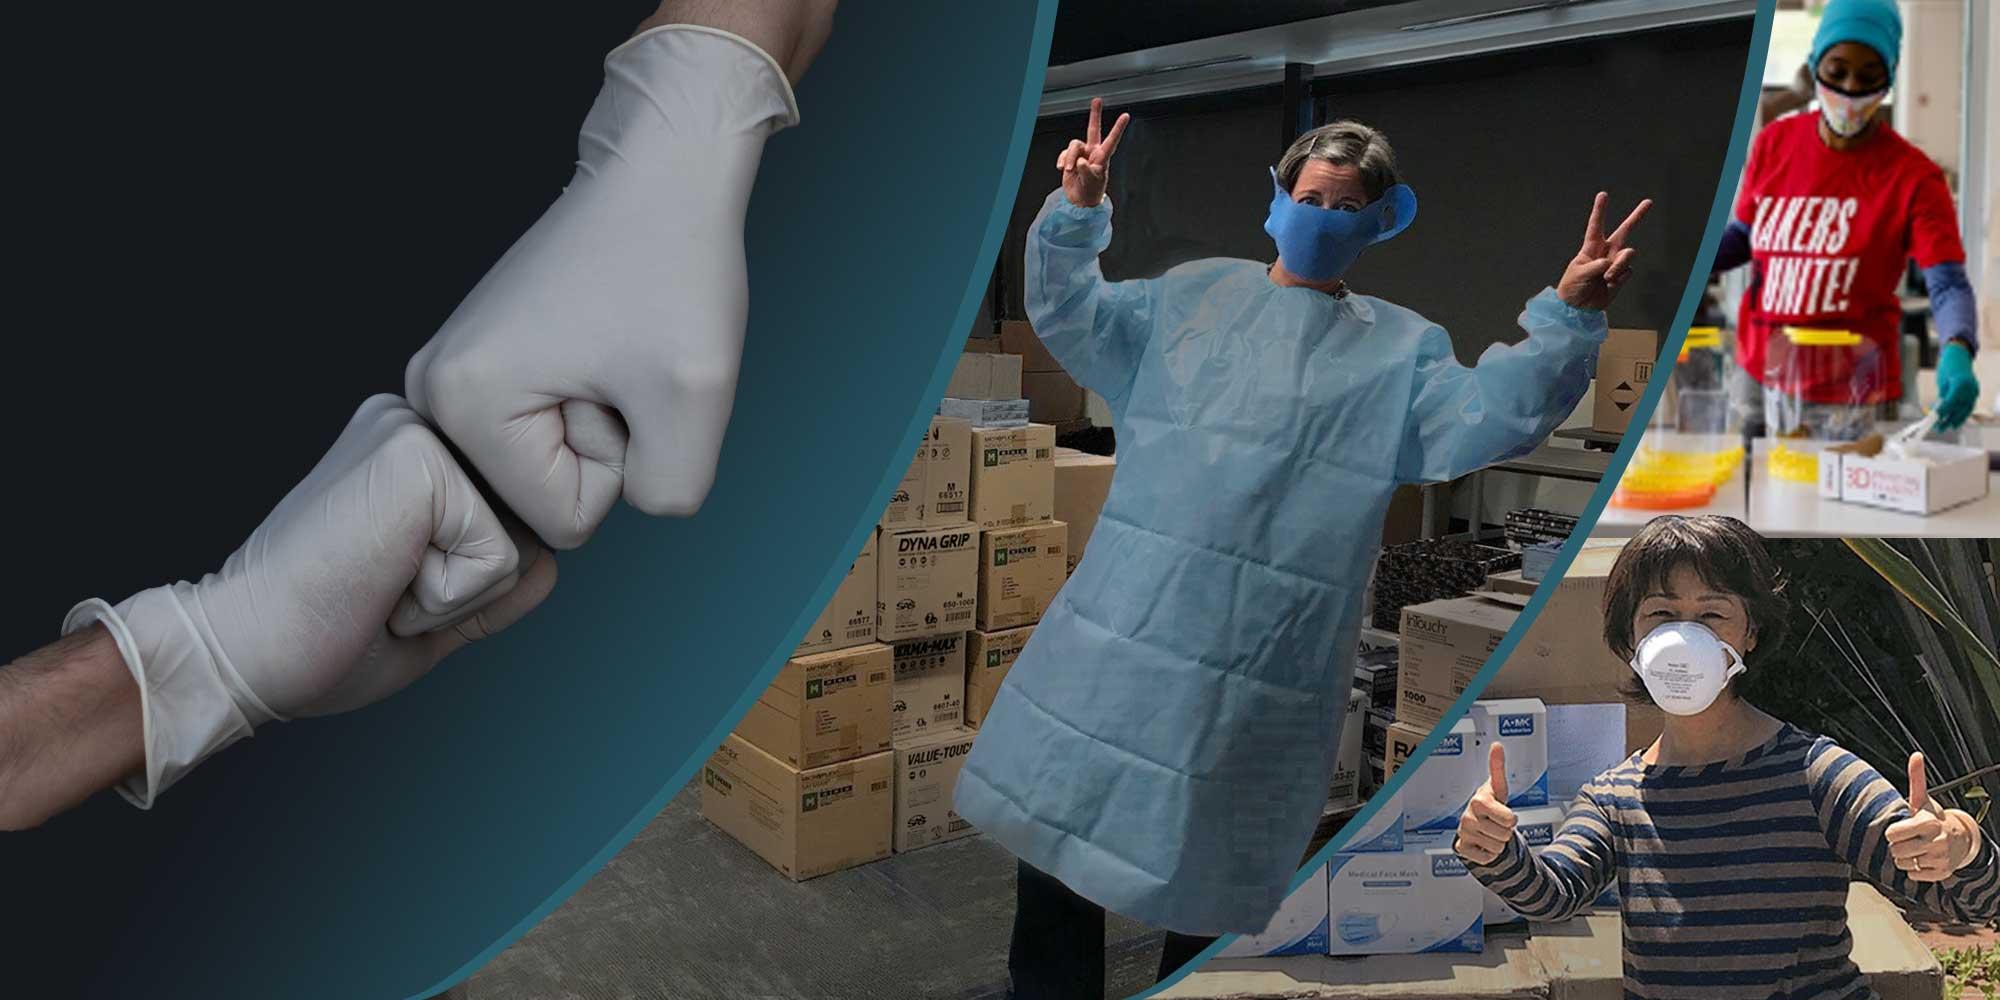 Get Us PPE collage de personas que reciben equipo de protección personal donado